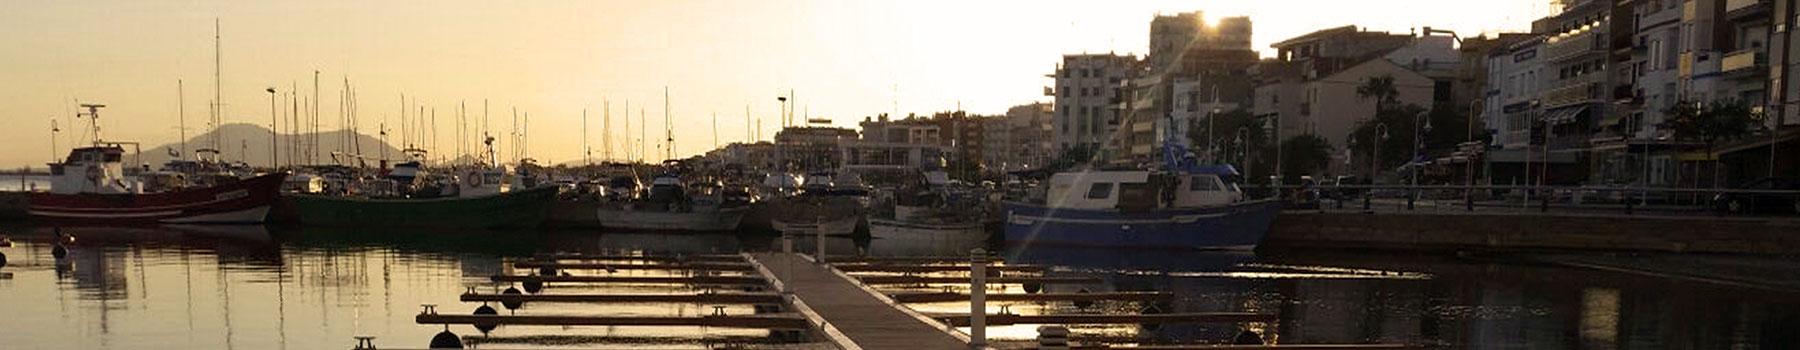 Откройте для себя Л'Амполью — ворота в дельту Эбро